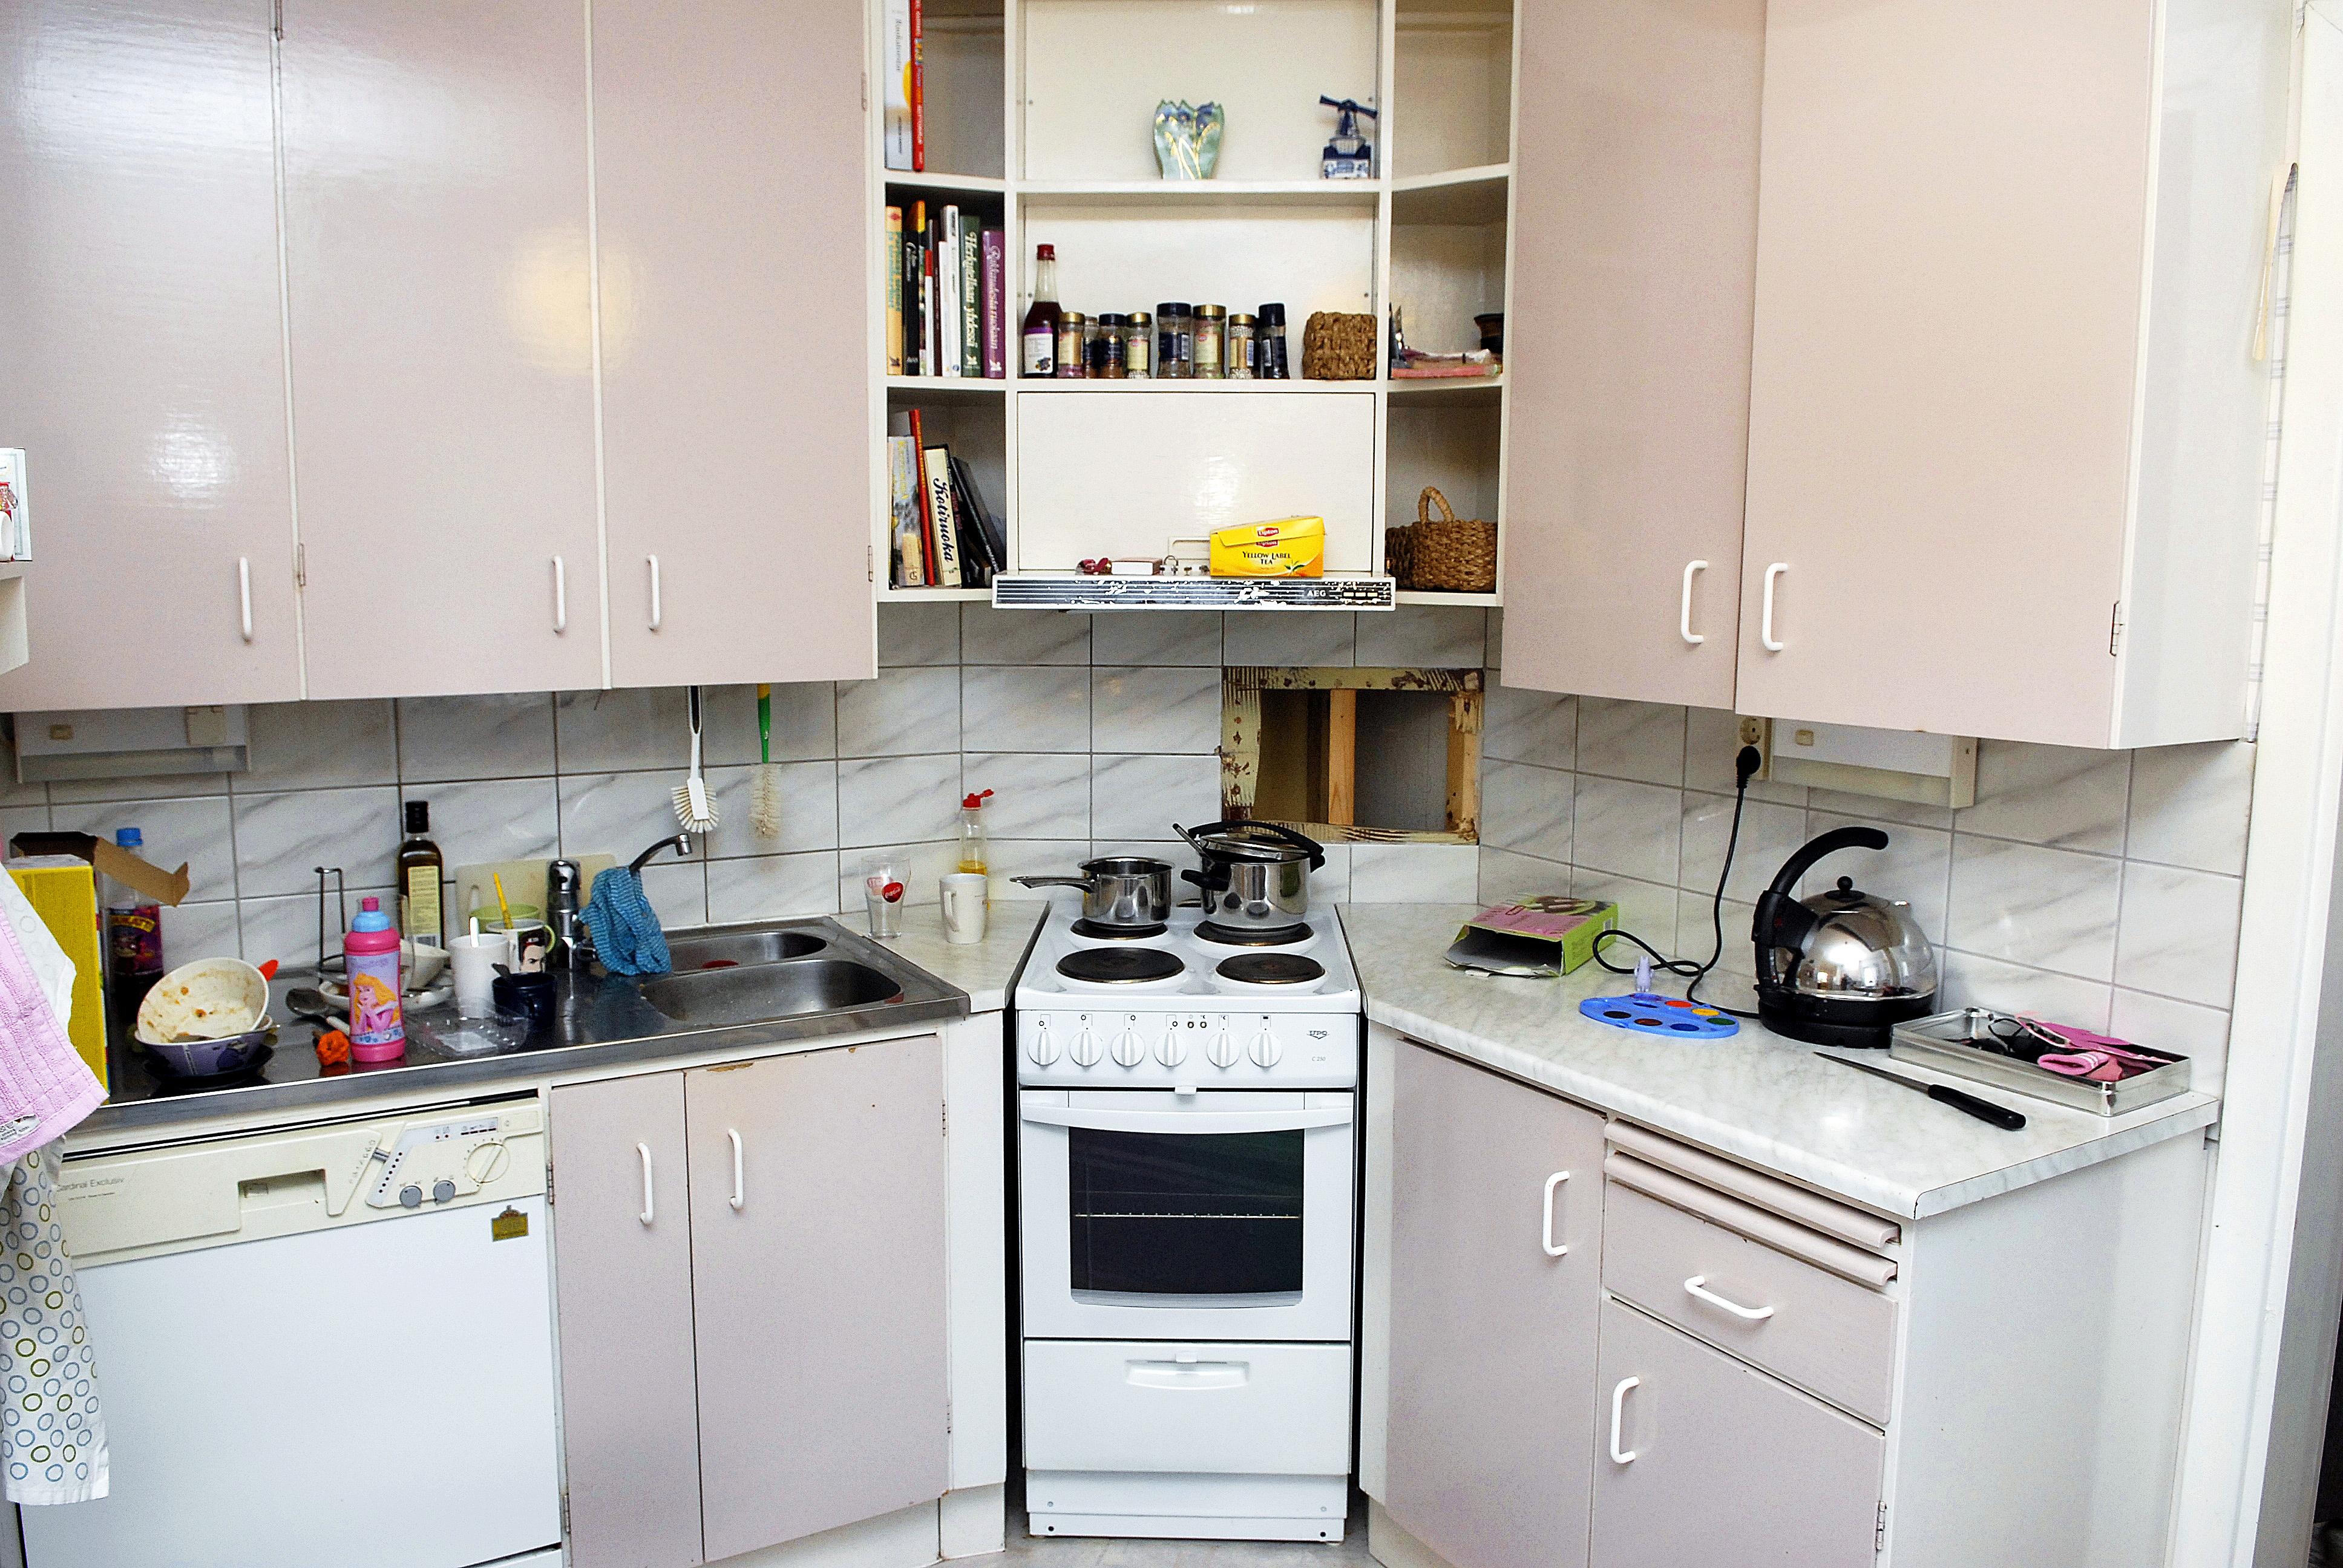 Keittiöremontti Kodikas keittiö kahdessa viikossa